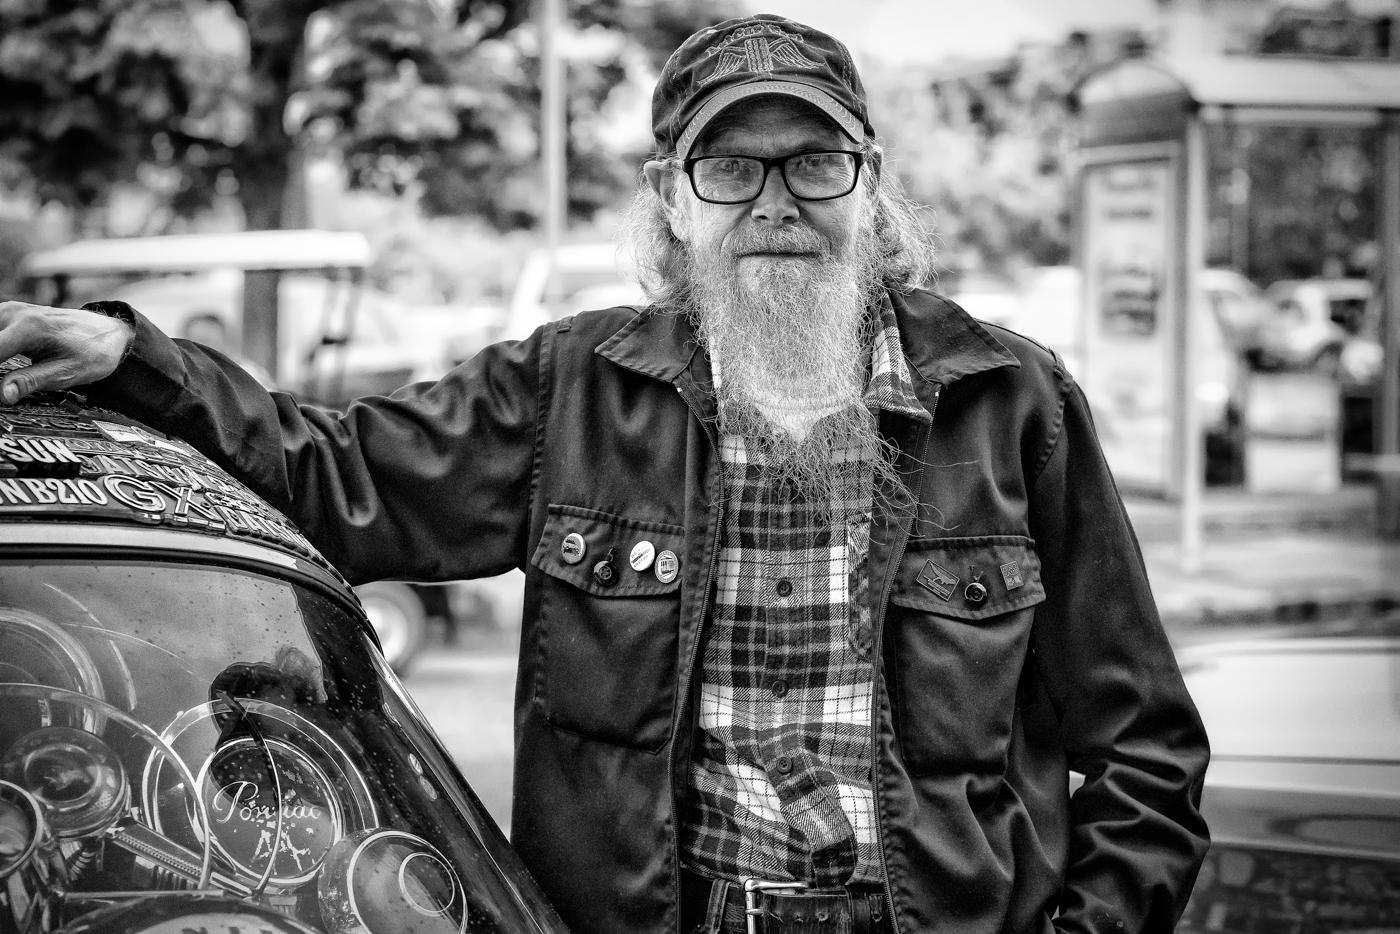 Vancouver artist Ken Gerberick